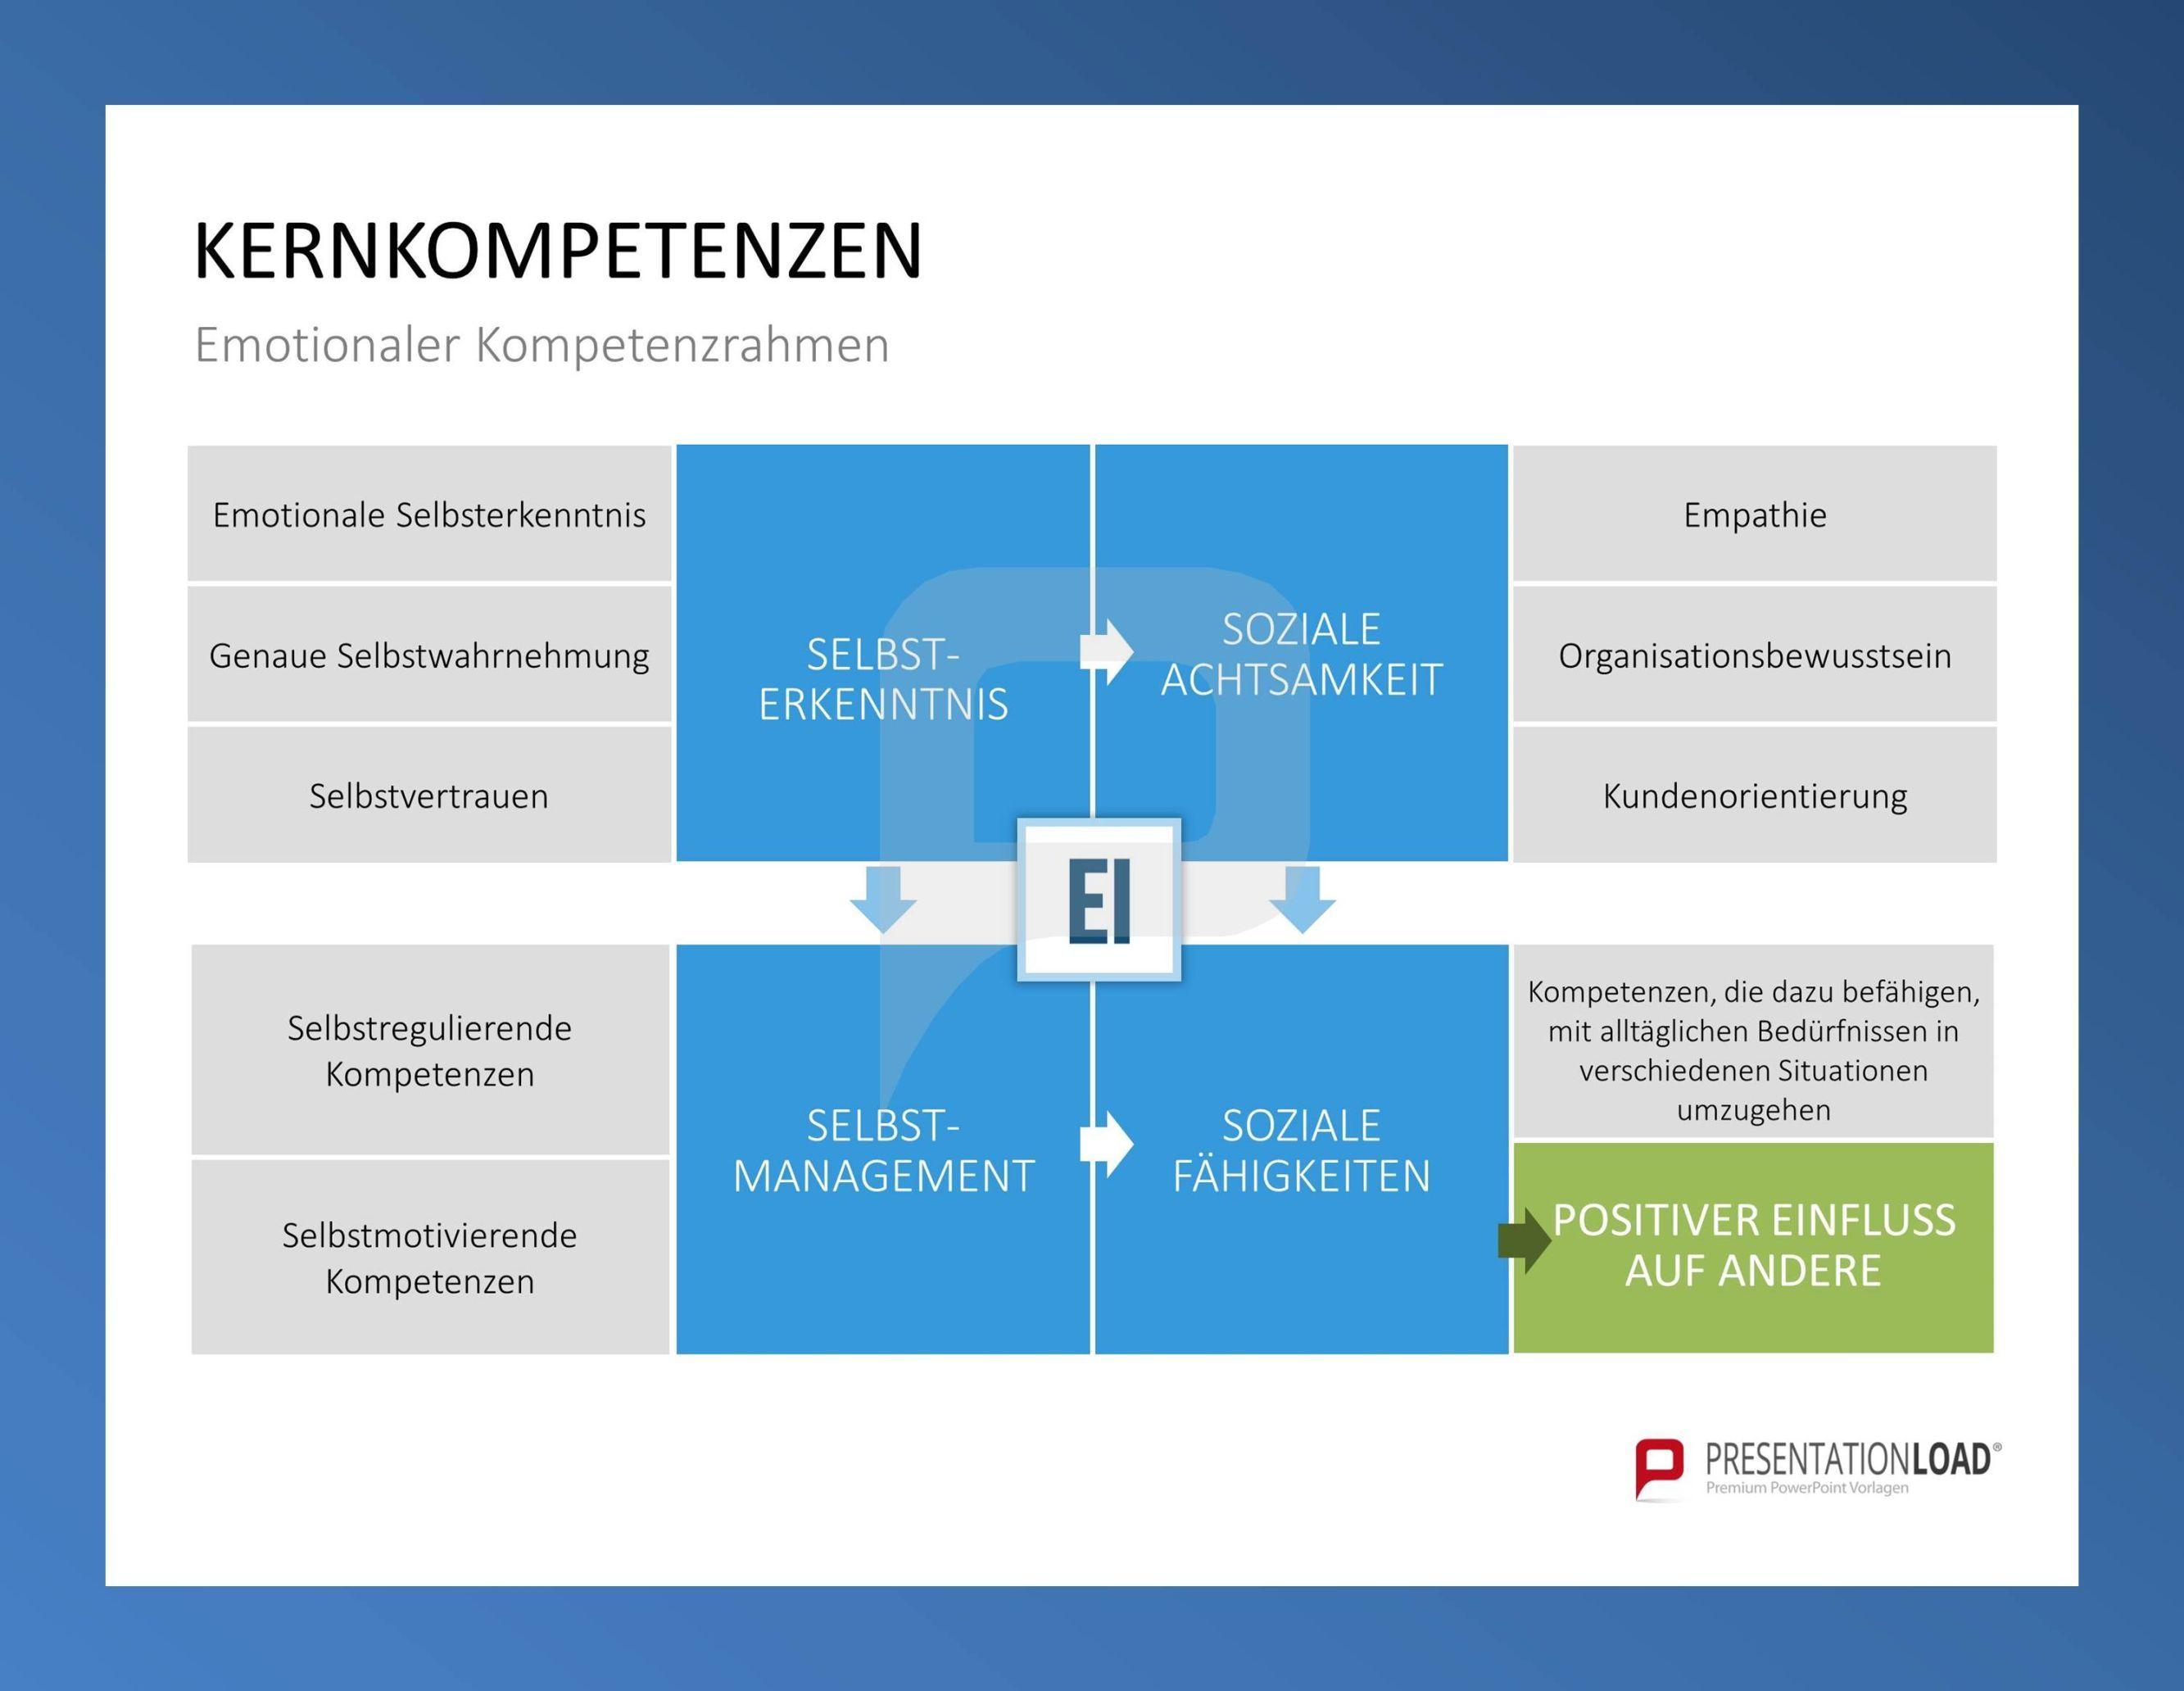 Pin von Beatrice Schulze auf work | Pinterest | Powerpoint vorlagen ...